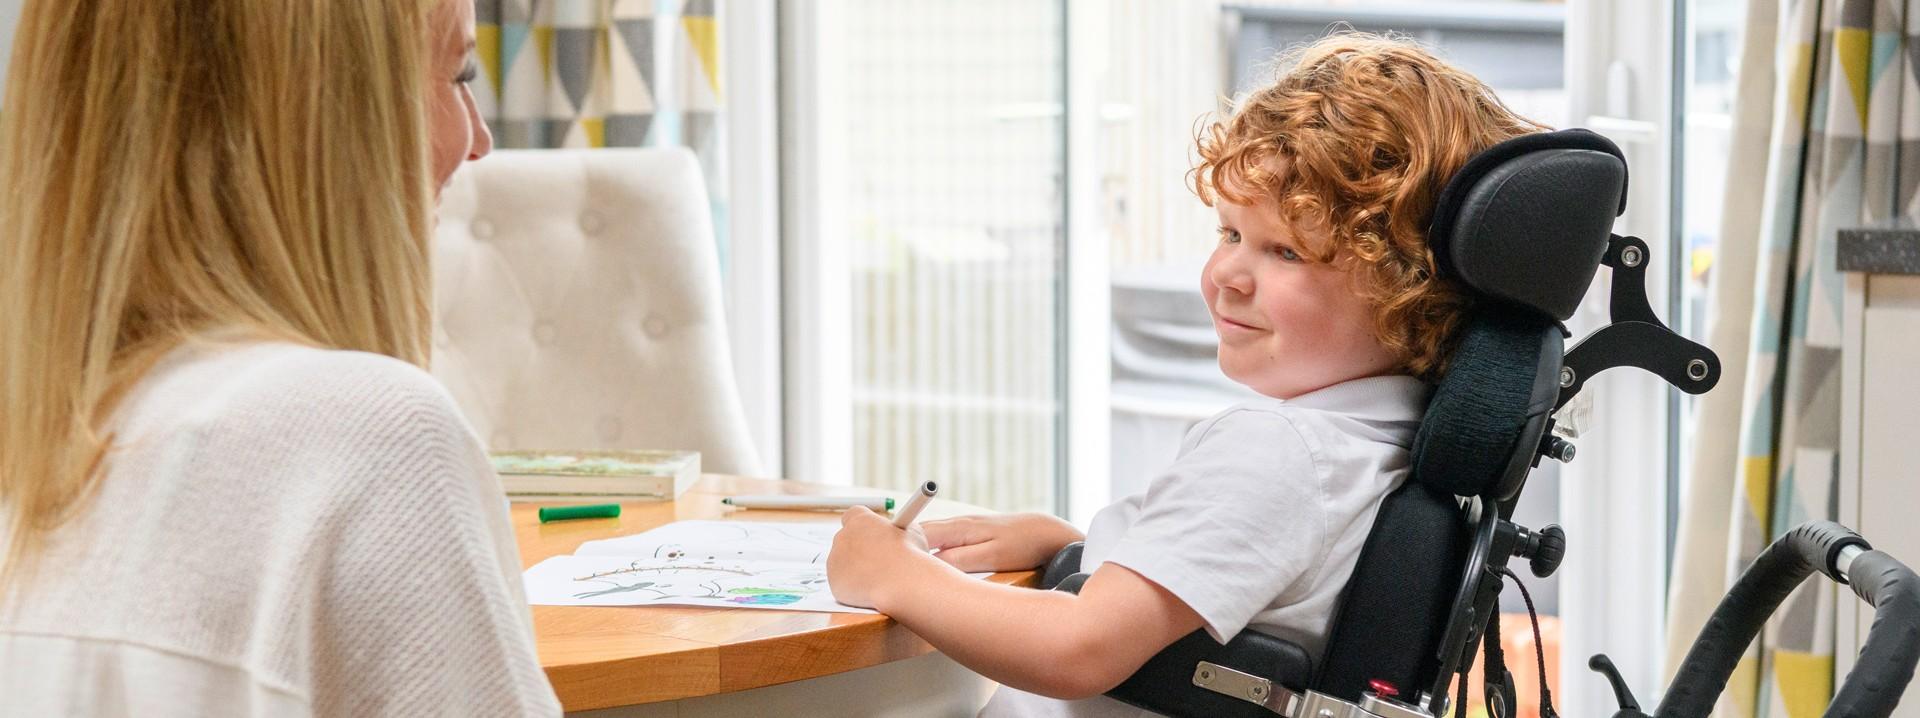 Ein etwa 10 jähriger Junge sitzt in einem Rollstuhl an einem Tisch und malt auf ein Blatt Papier. Ihm sitzt eine Frau mit einer Katze auf dem Schoß gegenüber.